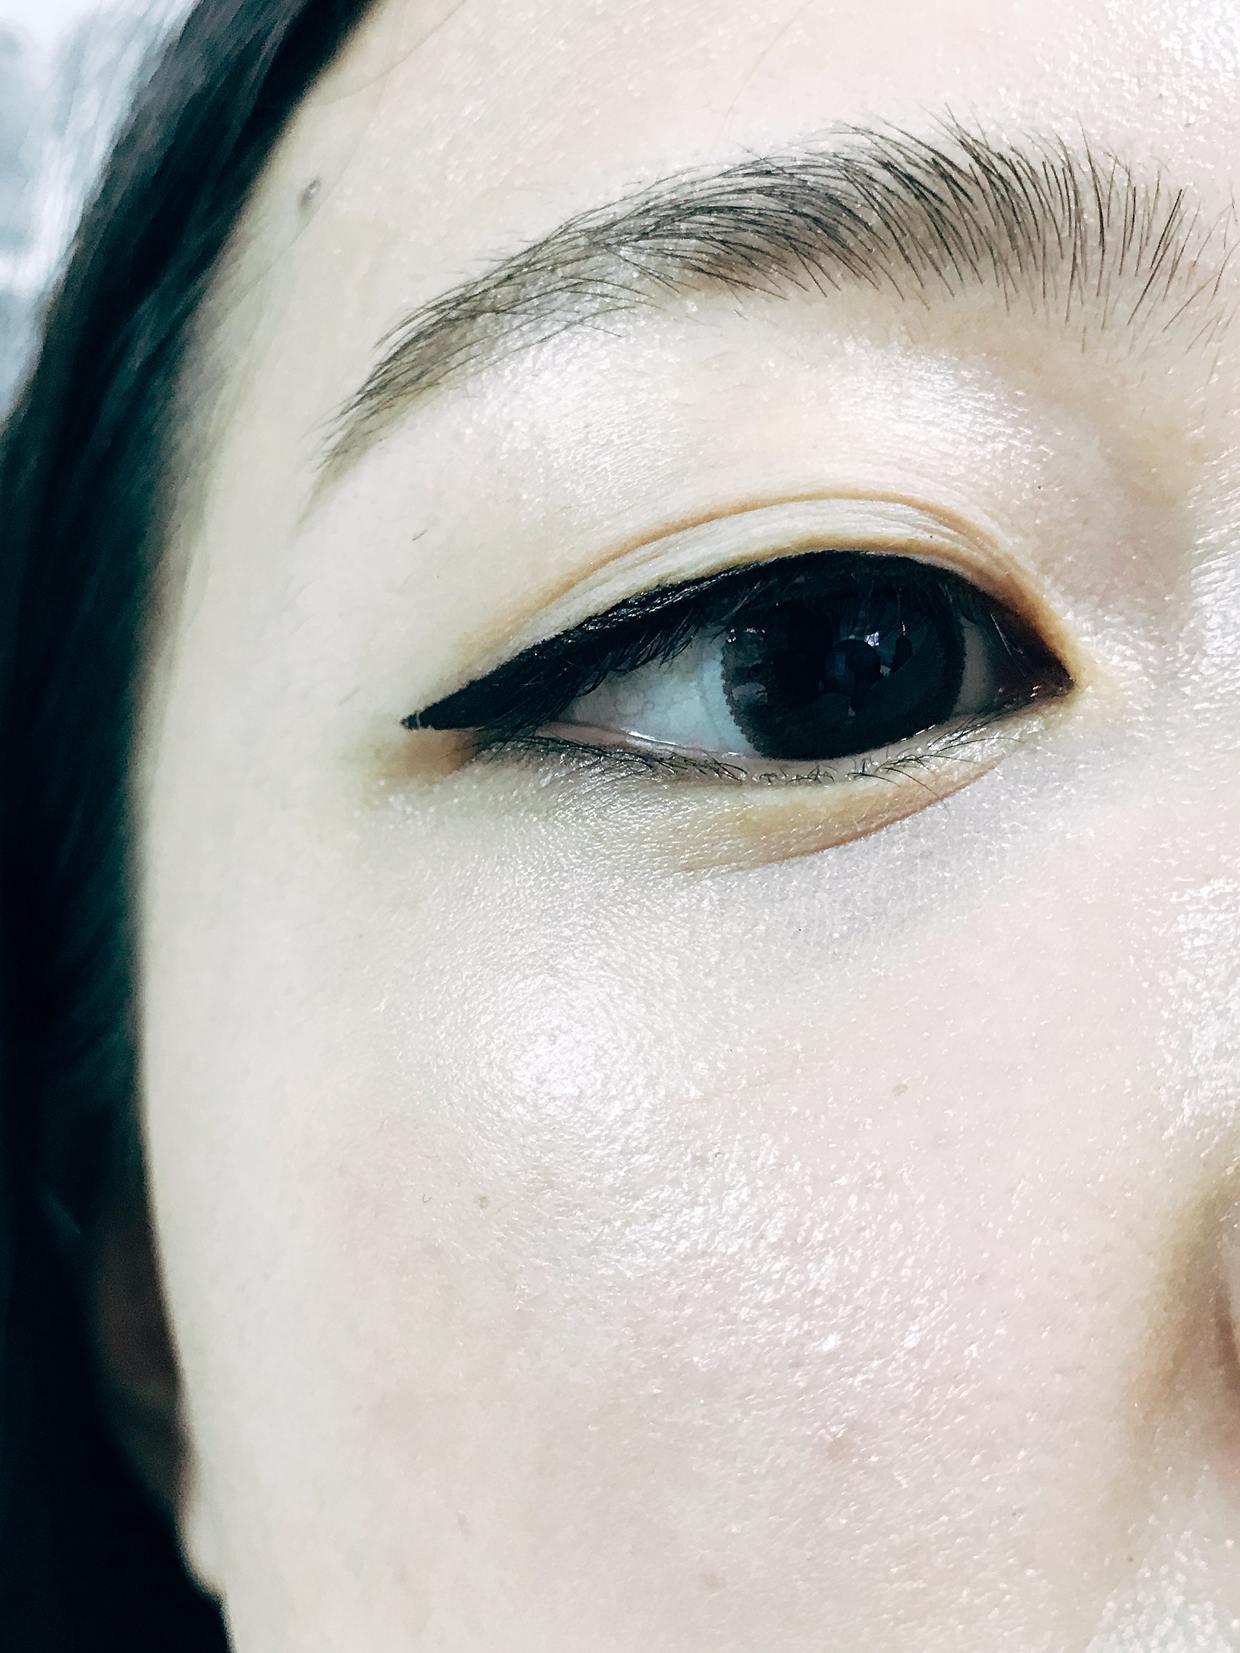 另一種就是用眼線來展現出超強氣勢的眼妝!拿出黑色眼線液照著眼型延伸畫出約1/4的長度。